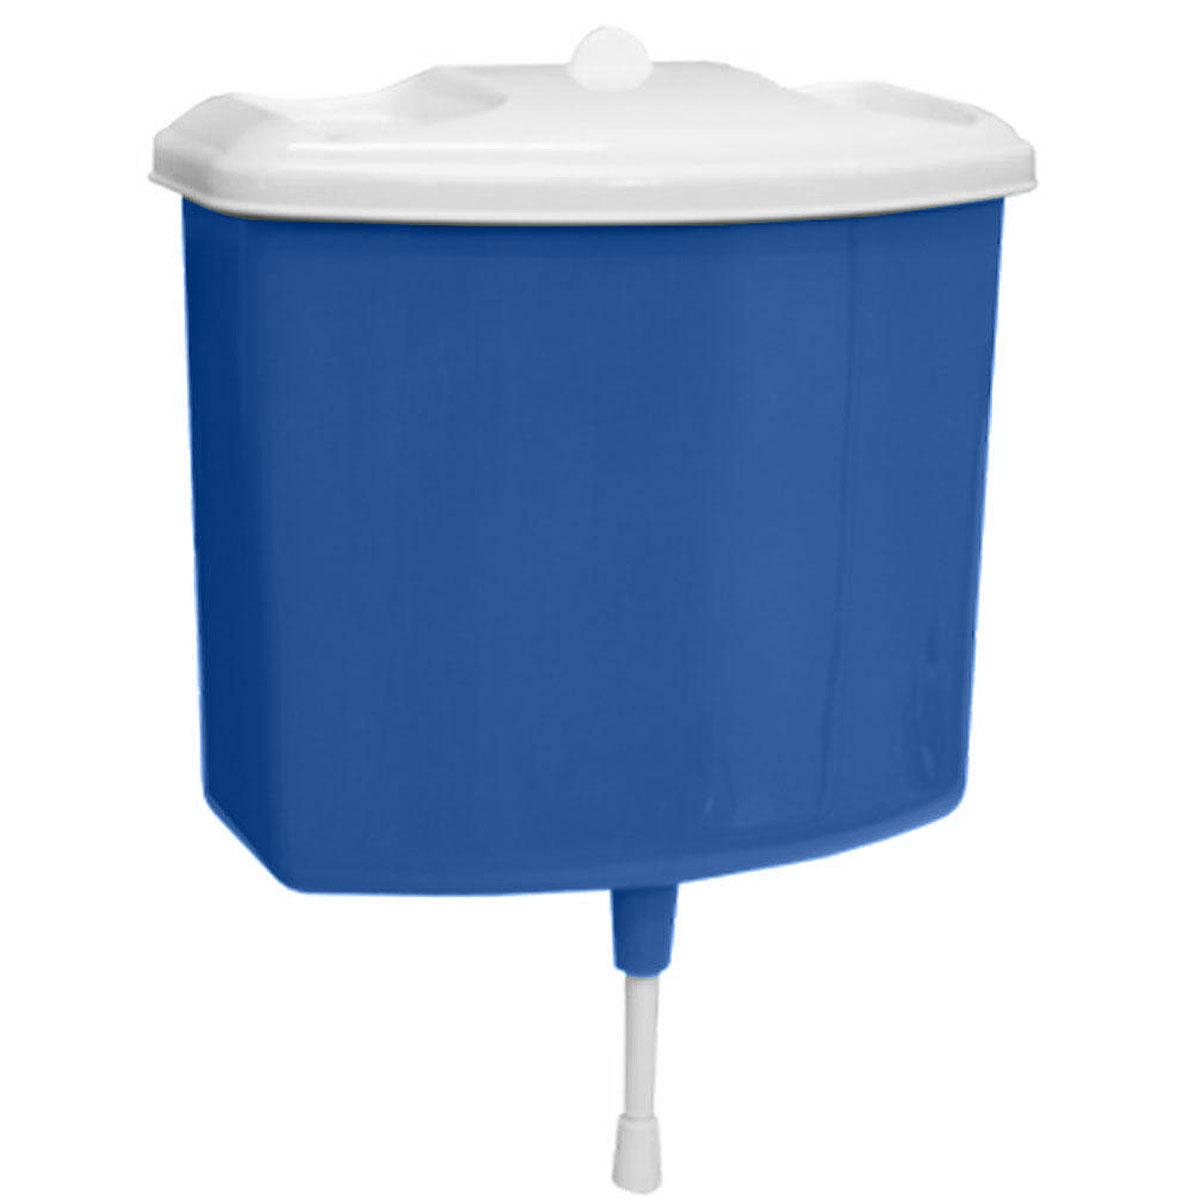 Рукомойник Альтернатива, цвет: синий, 5 лМ367Рукомойник Альтернатива изготовлен из пластика. Он предназначен для умывания в саду или на даче. Яркий и красочный, он отлично впишется в окружающую обстановку. Петли предоставляют вертикальное крепление рукомойника. Рукомойник оснащен крышкой, которая предотвращает попадание мусора. Также на крышке имеет две выемки для мыла.Рукомойник Альтернатива надежный и удобный в использовании. Размер рукомойника: 26,5 см х 15 см. Высота (без учета крышки): 23 см.